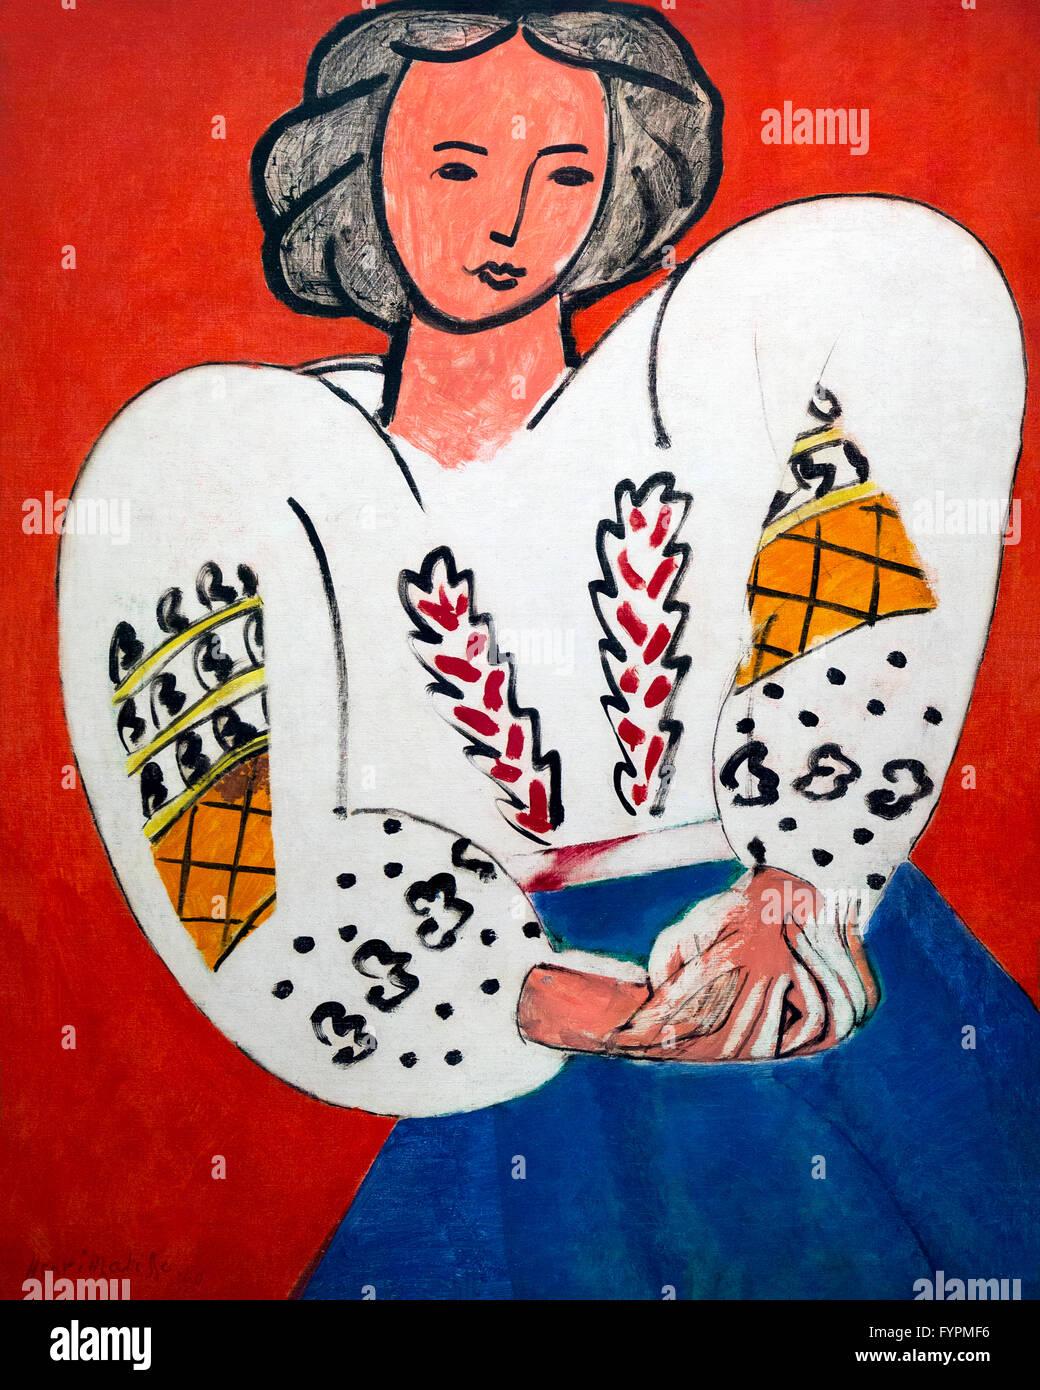 La Blouse Roumaine, by Henri Matisse, 1940, Centre Pompidou, Paris ...